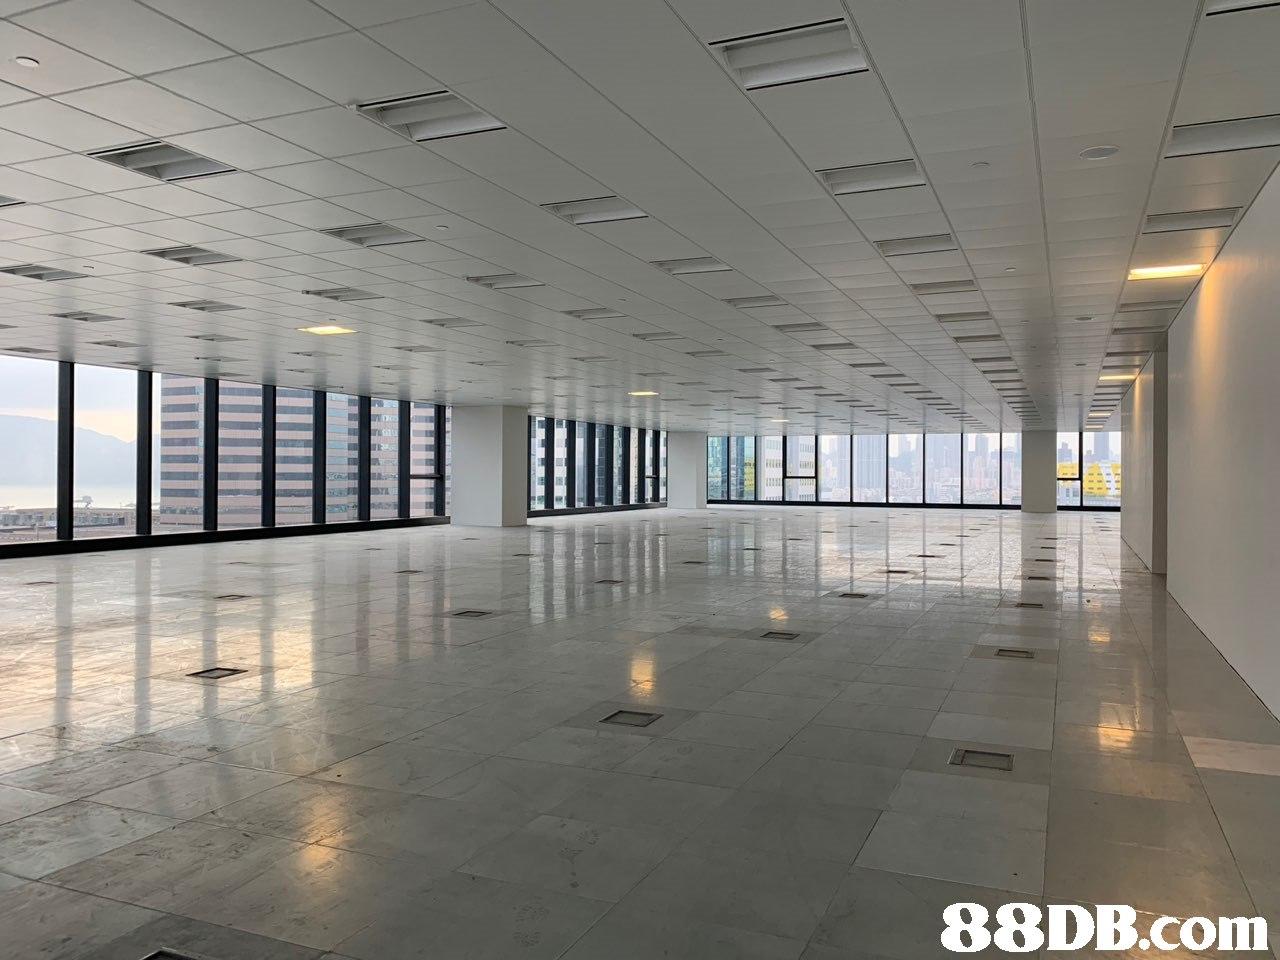 Building,Lobby,Ceiling,Wall,Floor